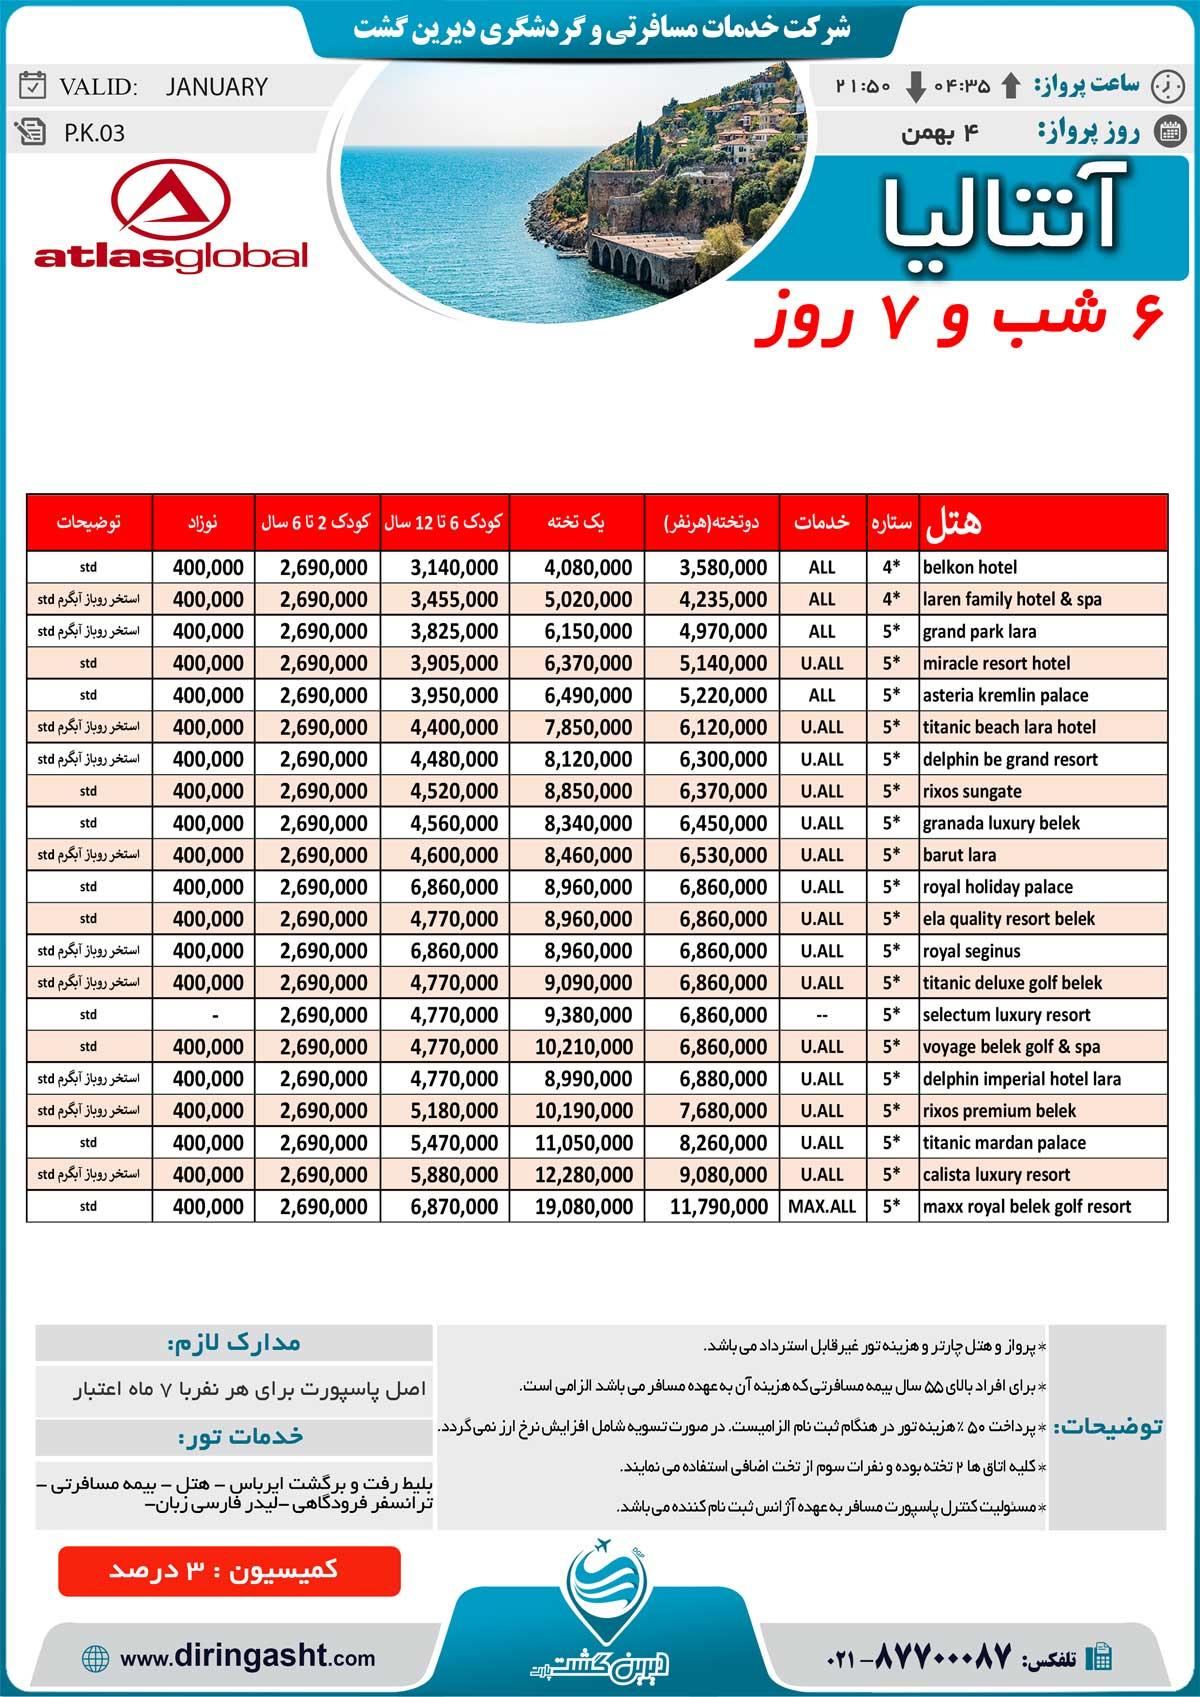 تور آنتالیا تاریخ4 بهمن